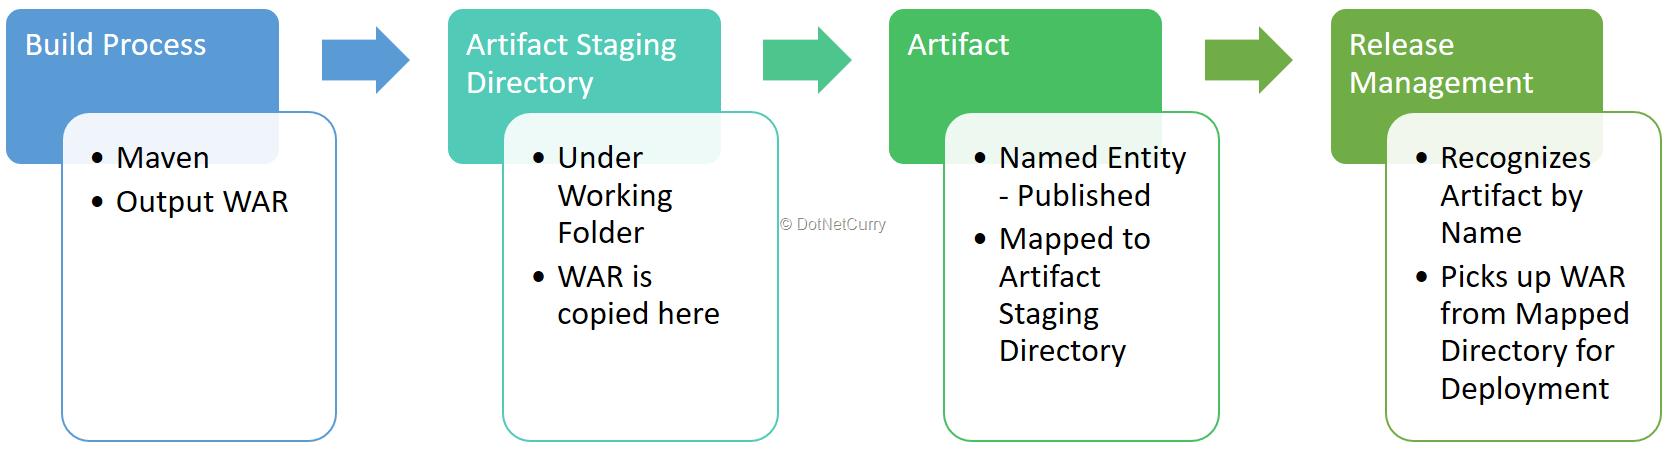 details-of-artifact